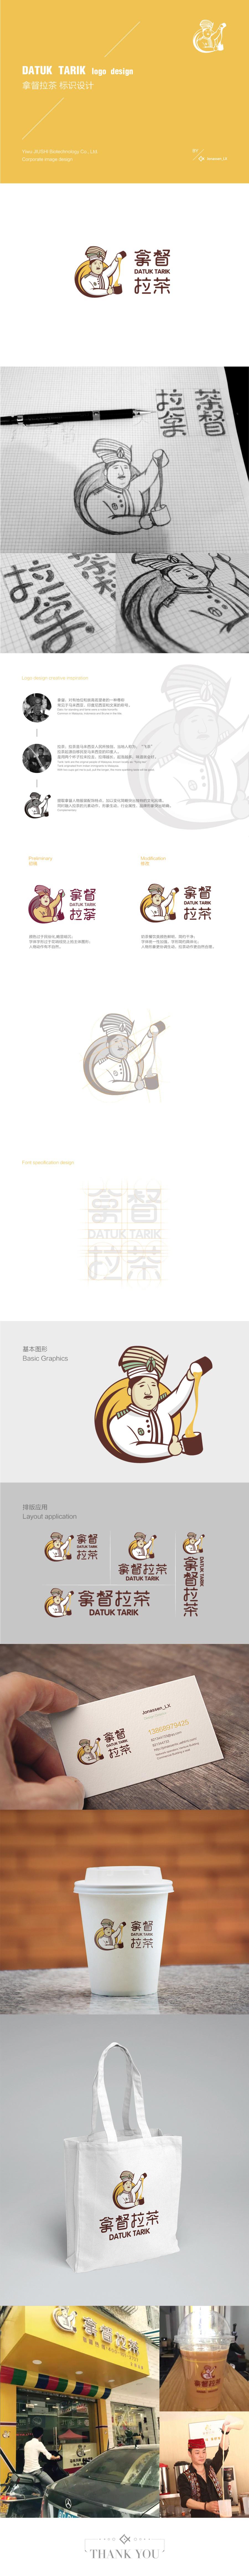 拿督拉茶 品牌标志设计图0